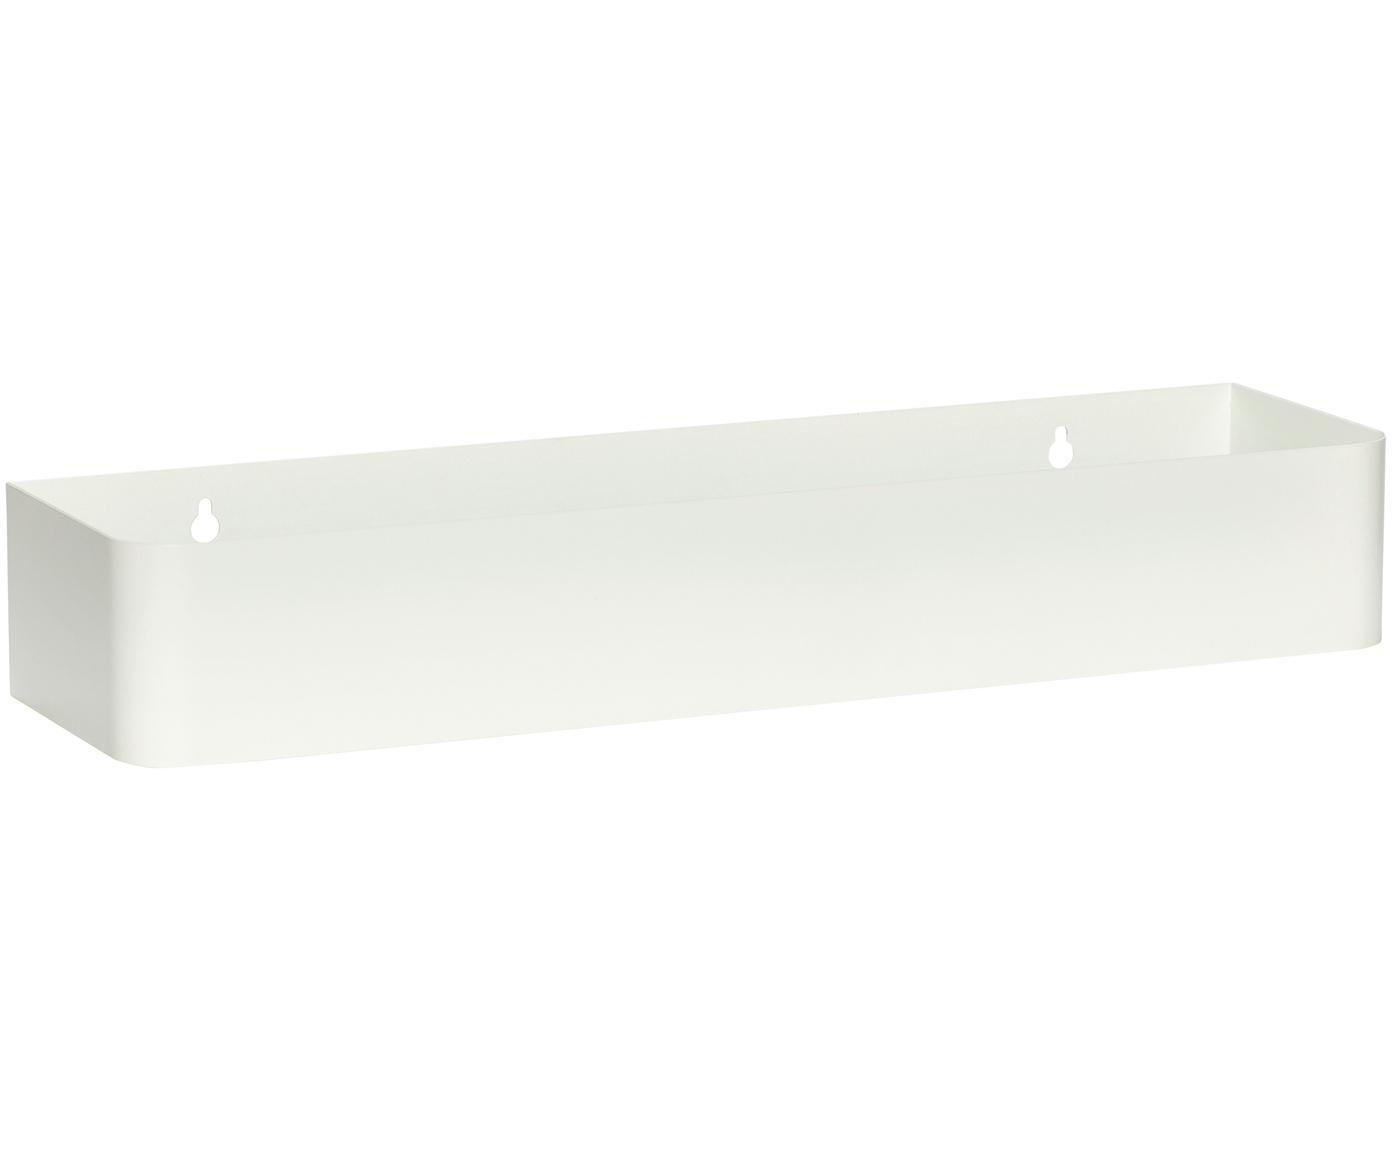 Kleines Wandregal Shelf aus Metall, Metall, beschichtet, Weiß, 45 x 7 cm